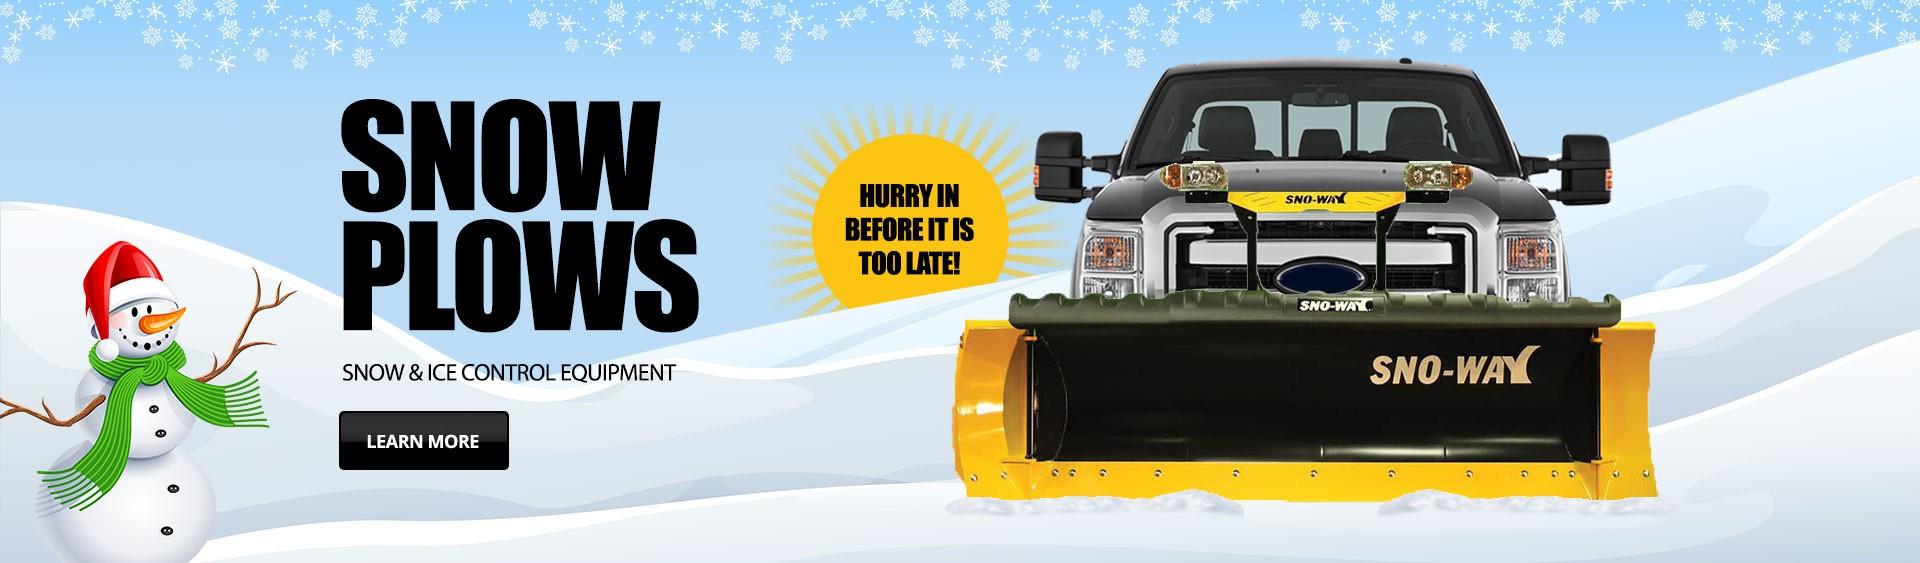 snow-plows